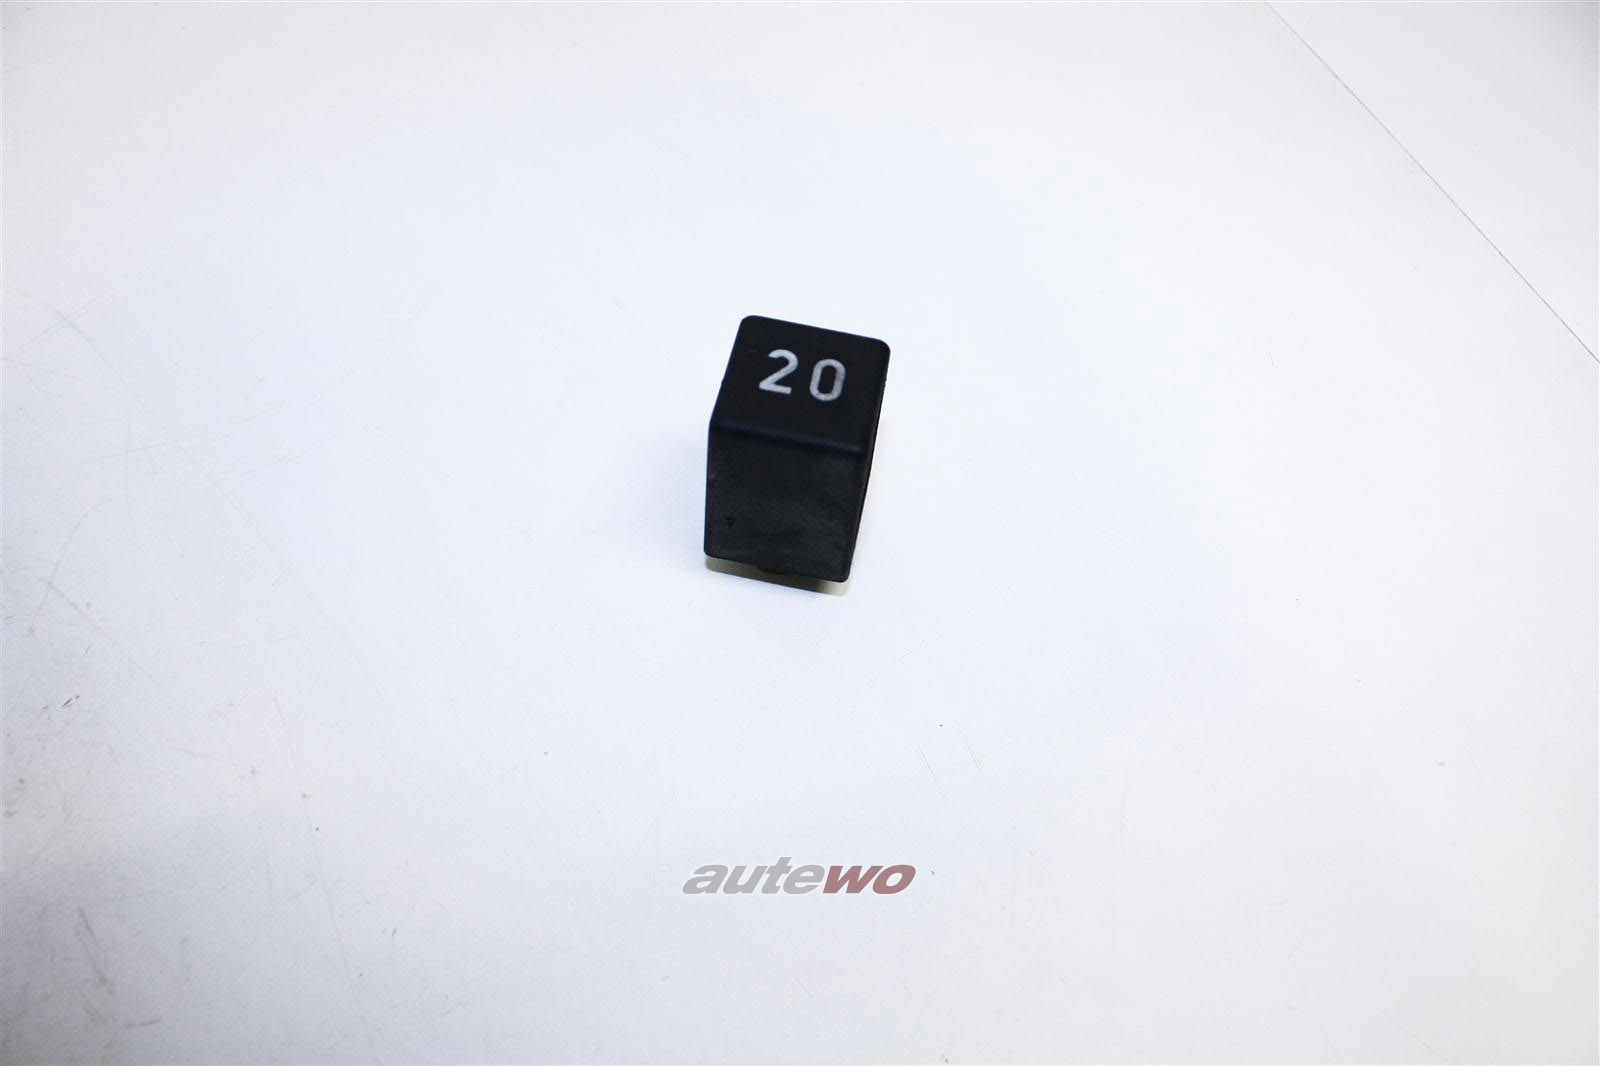 Audi 80/90/100/200 Relais 20 Scheibenwaschanlage hinten 191955529 171955529